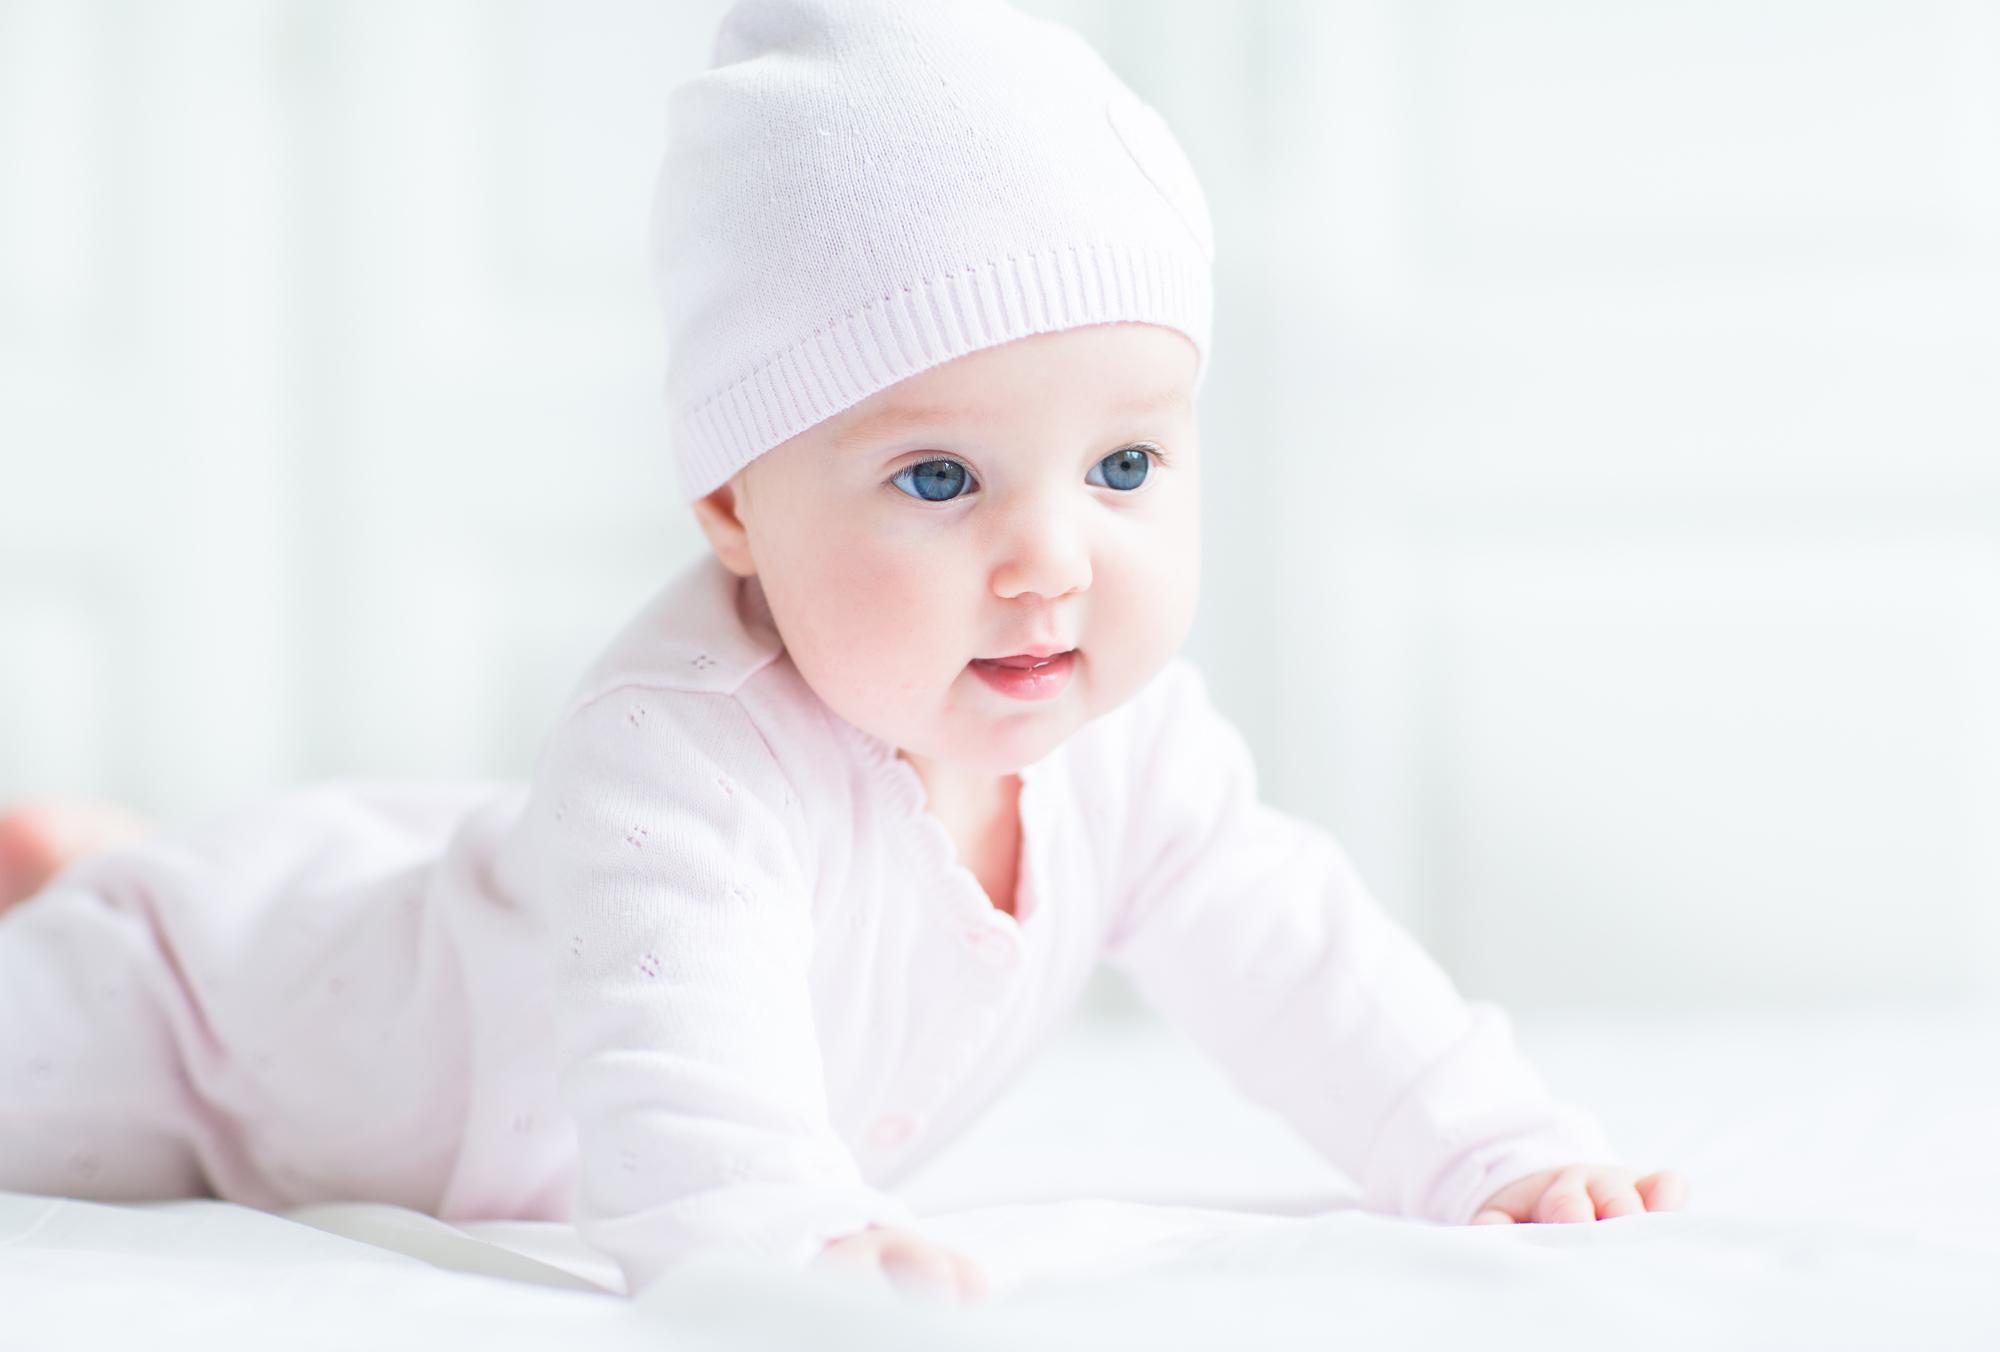 Ребенку 6 месяцев. Развитие полугодовалого малыша картинки